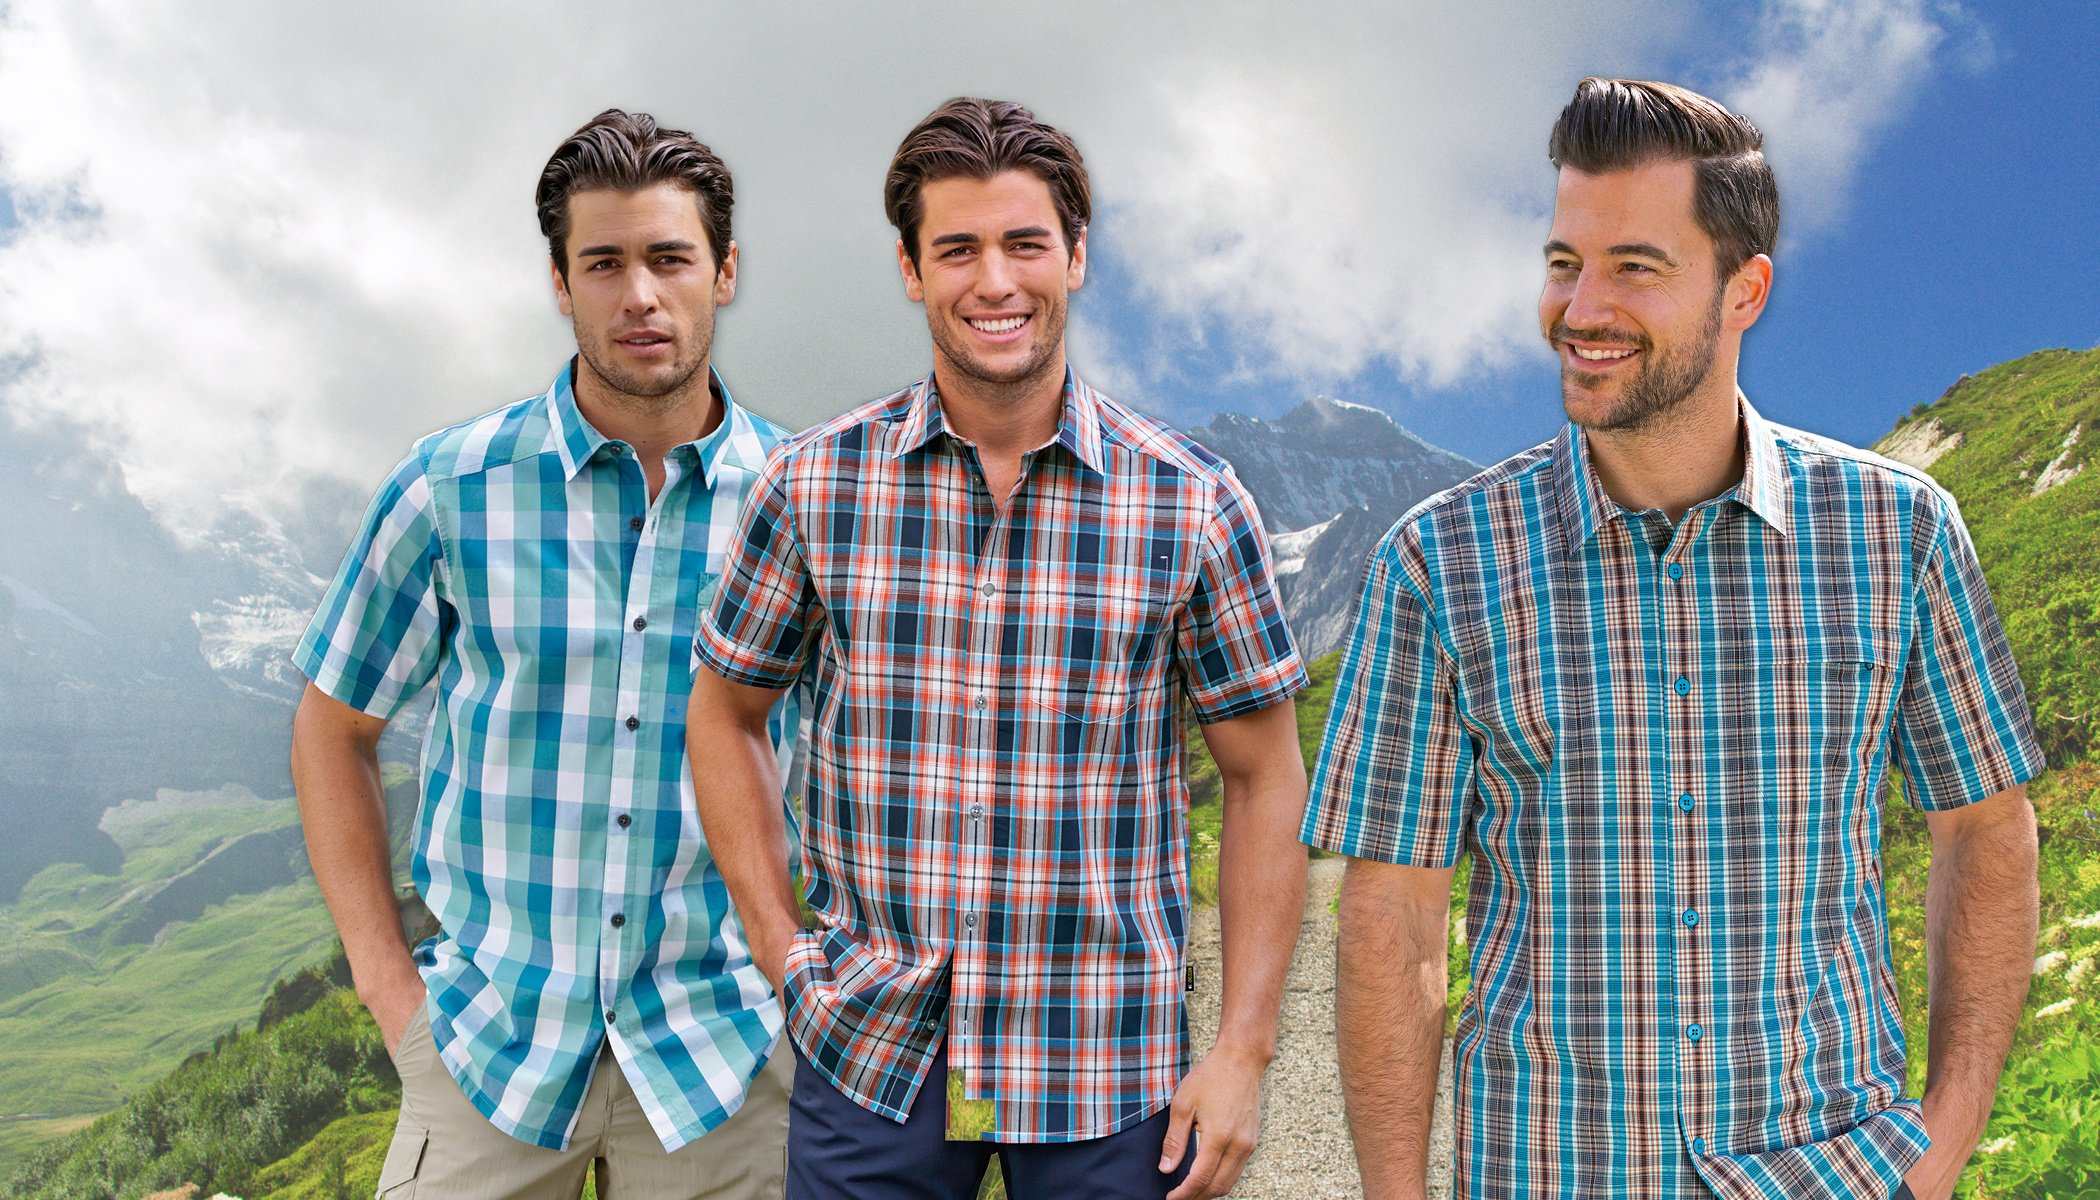 Chemises outdoor